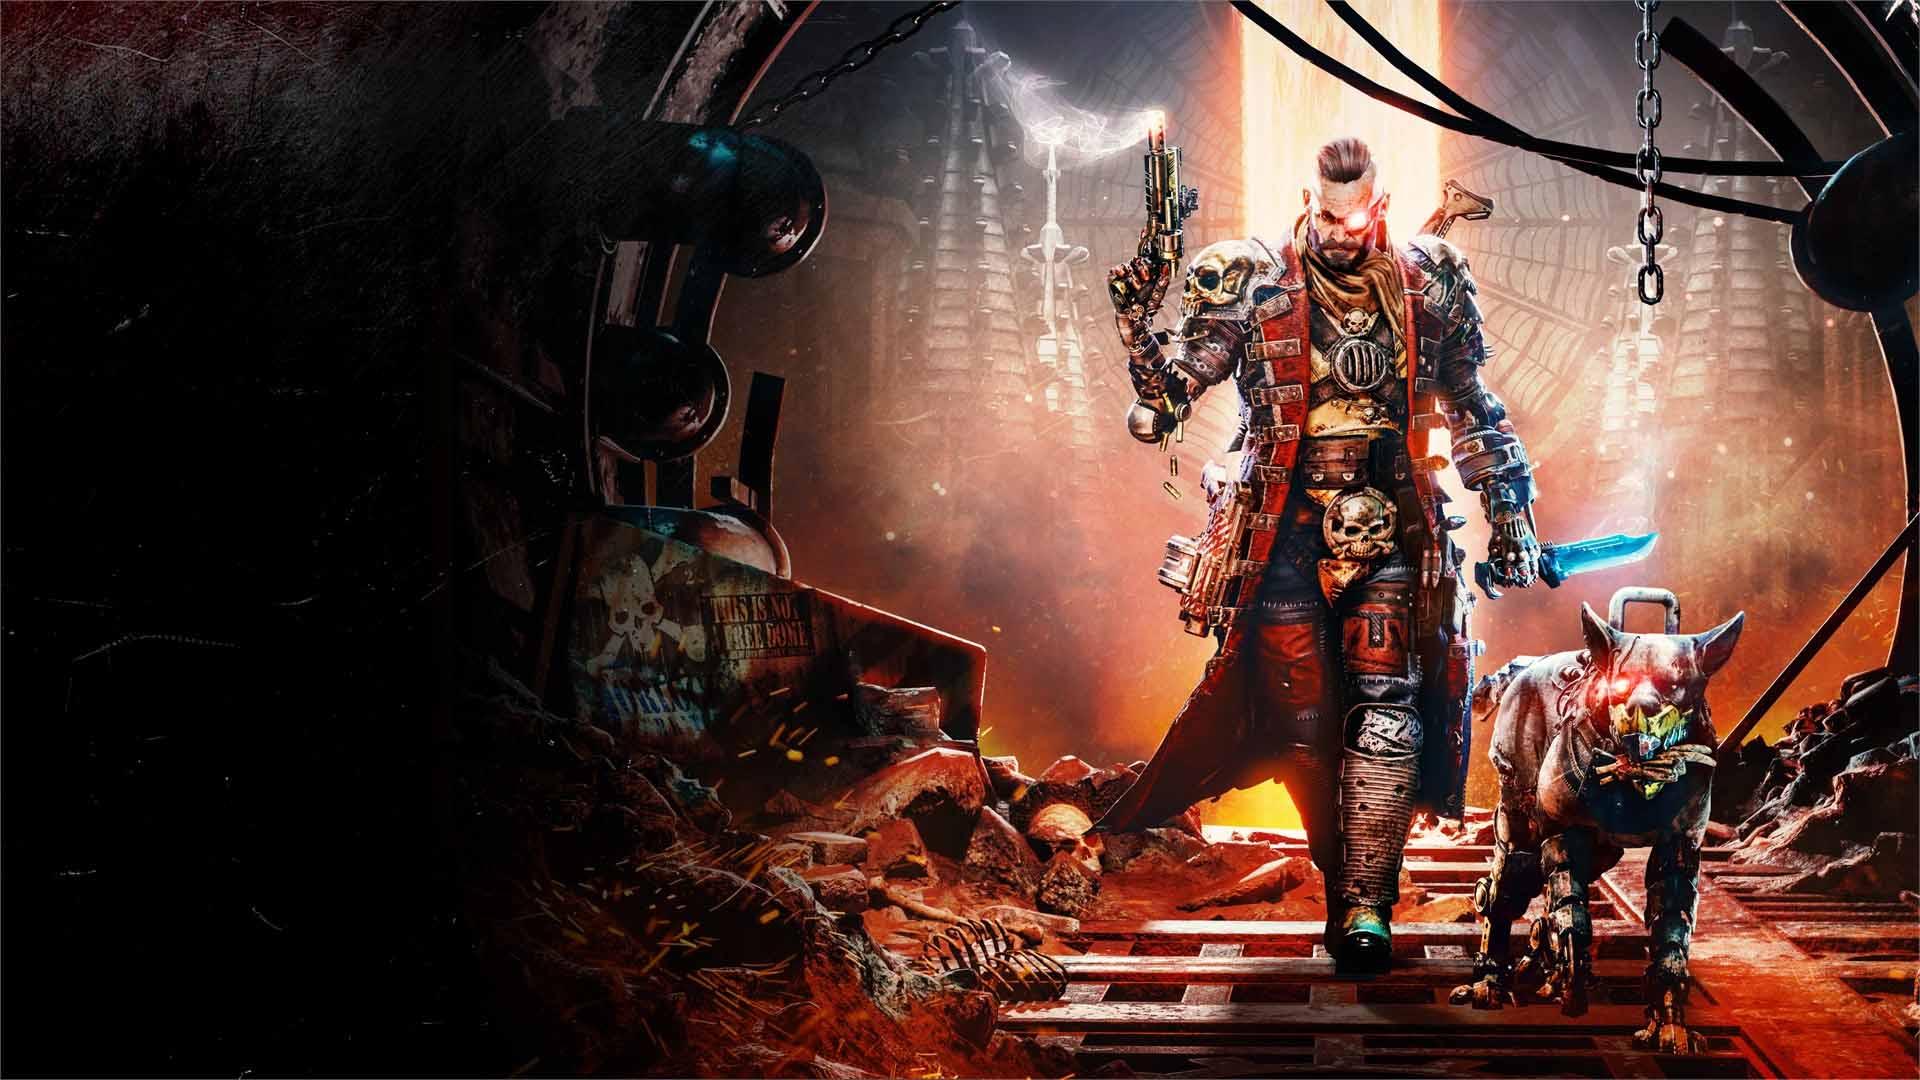 Necromunda: Hired Gun presenta su escopeta en un nuevo tráiler con gameplay 3